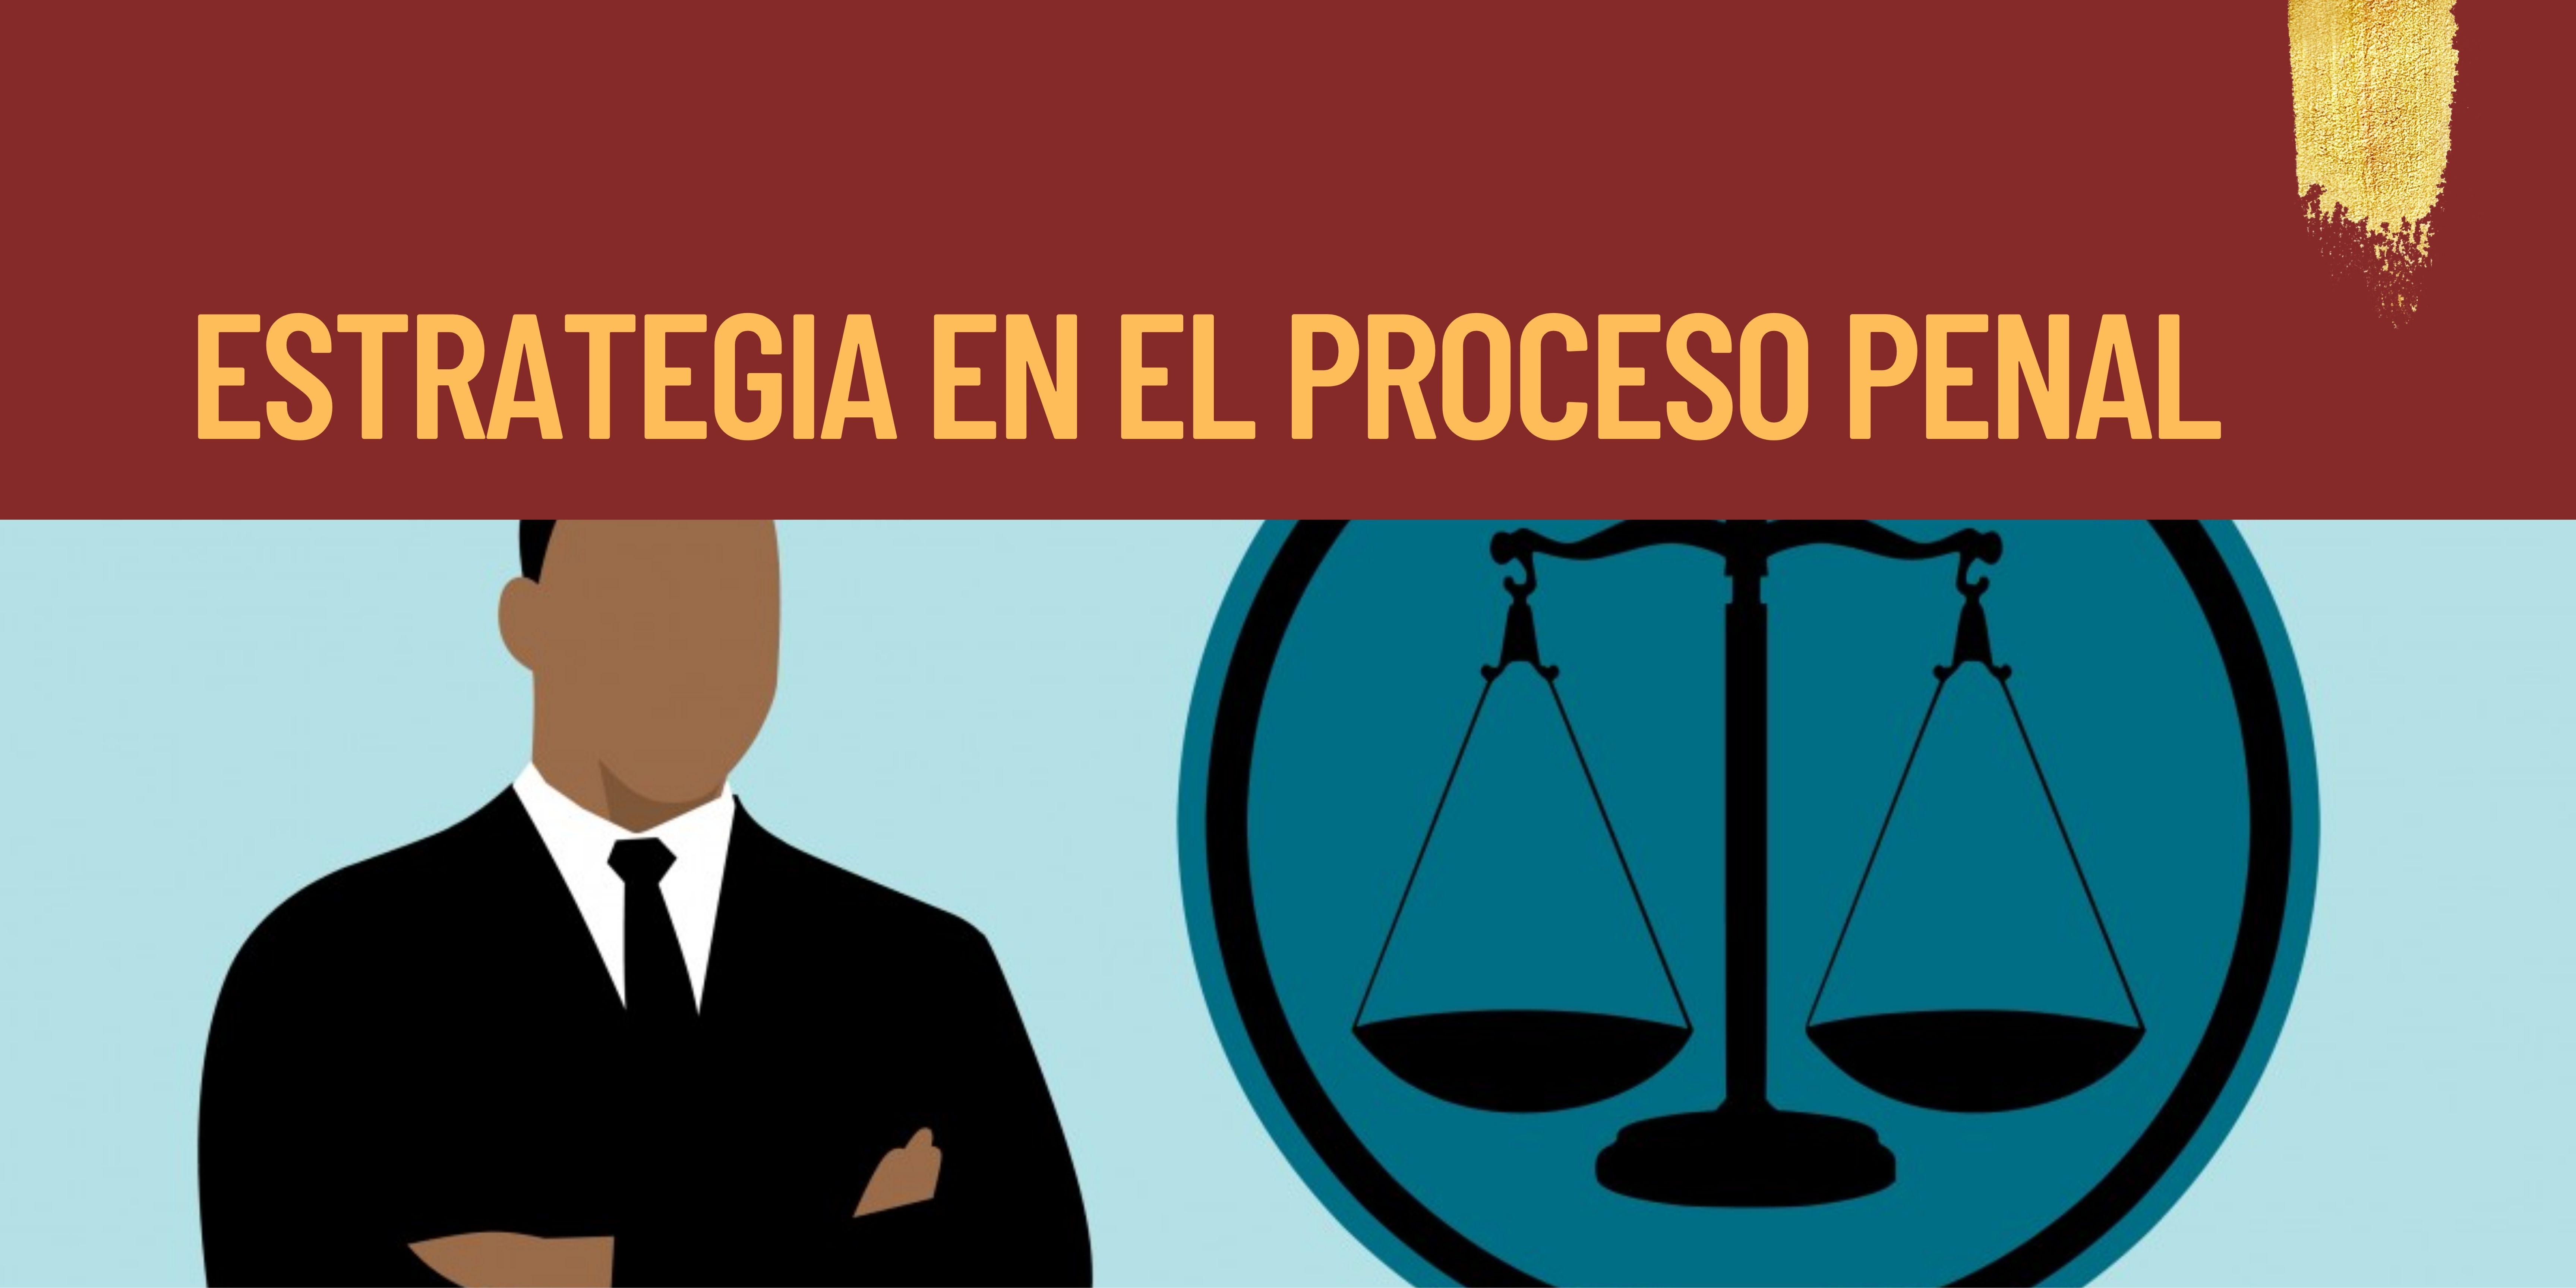 FUN-002-20-01 Curso Estrategia en el Proceso Penal (Grupo 1)